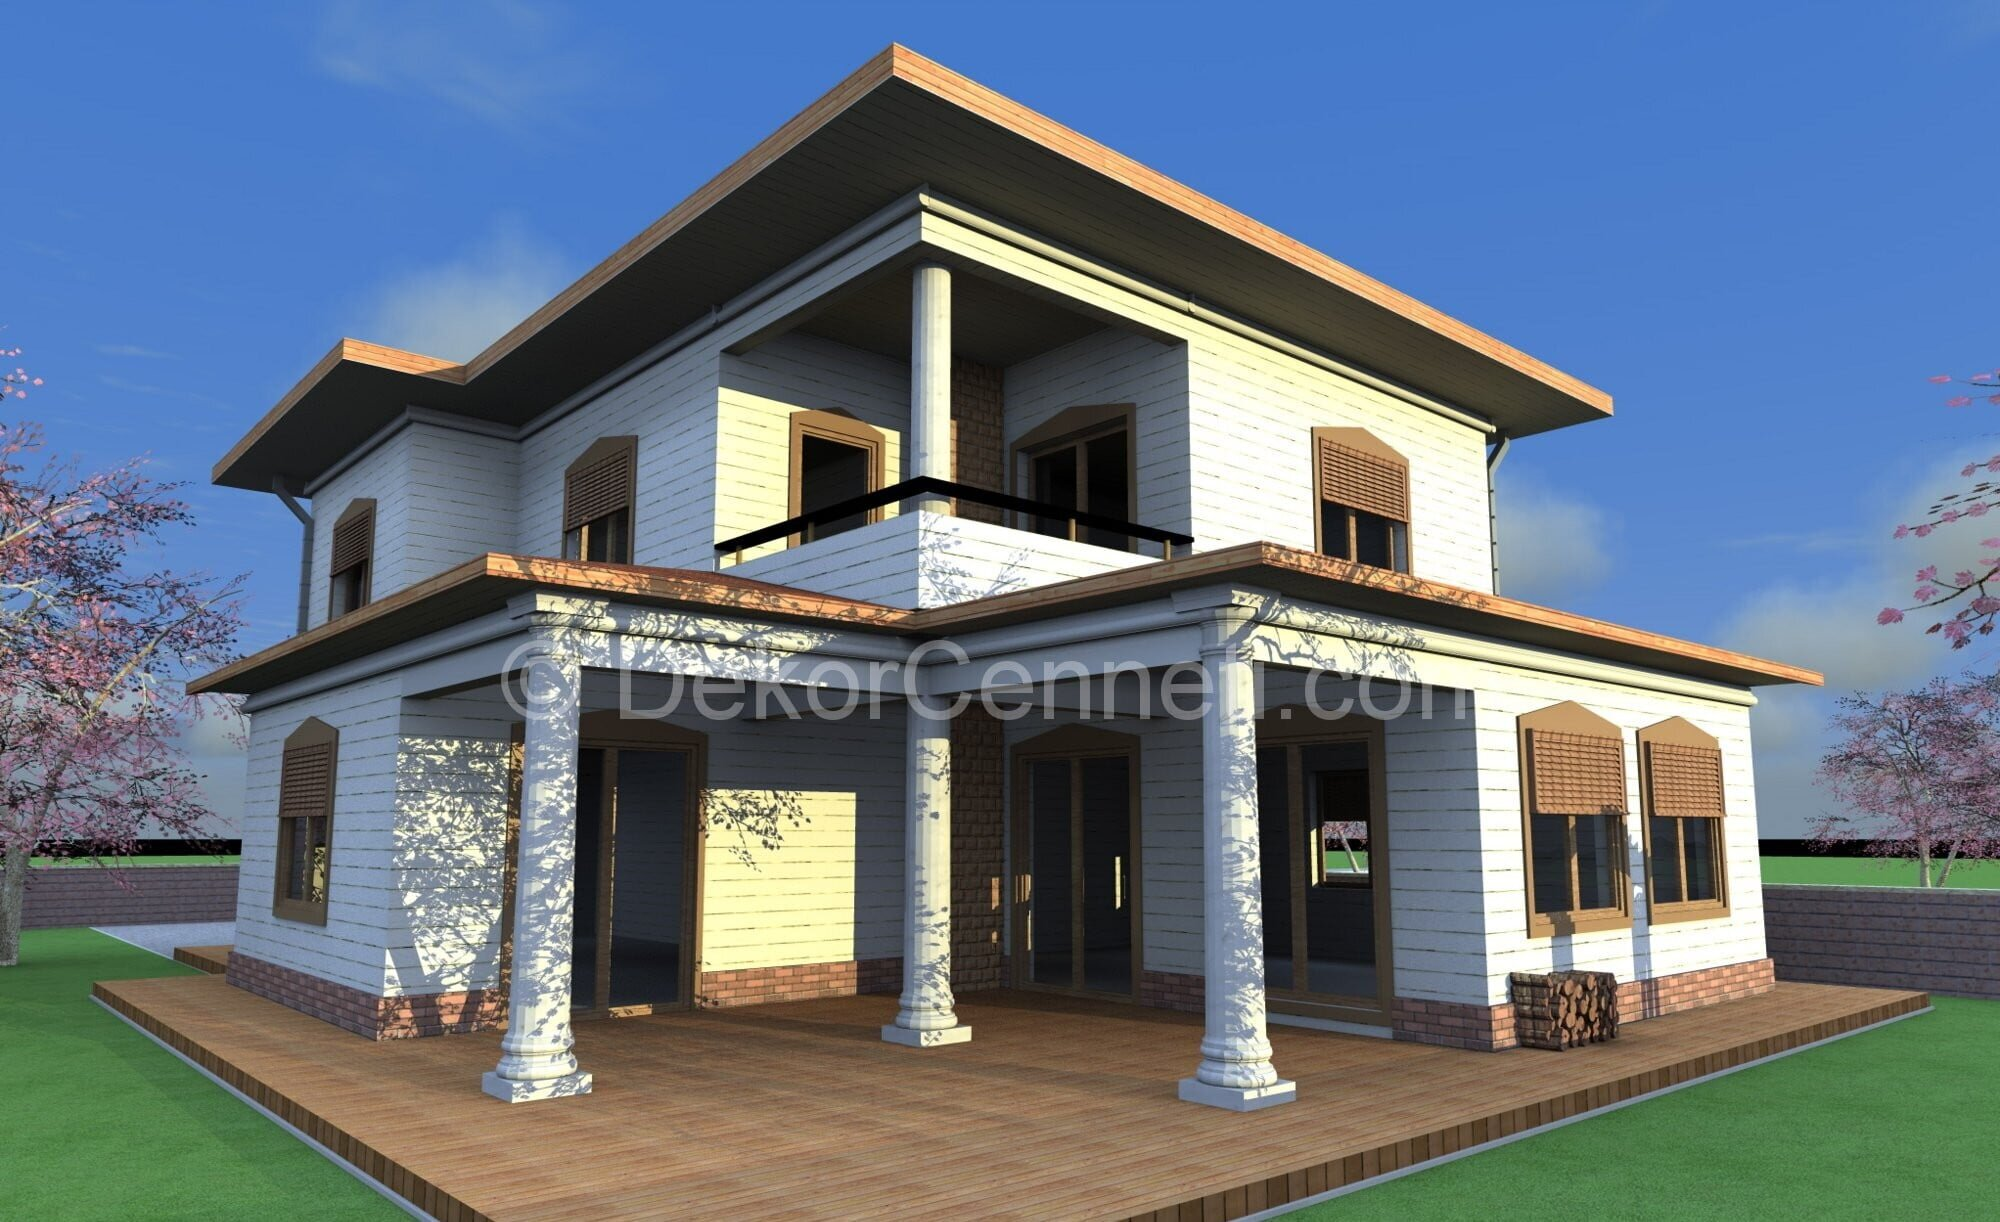 2014 villa iç mimari dekorasyon Fotoğrafları